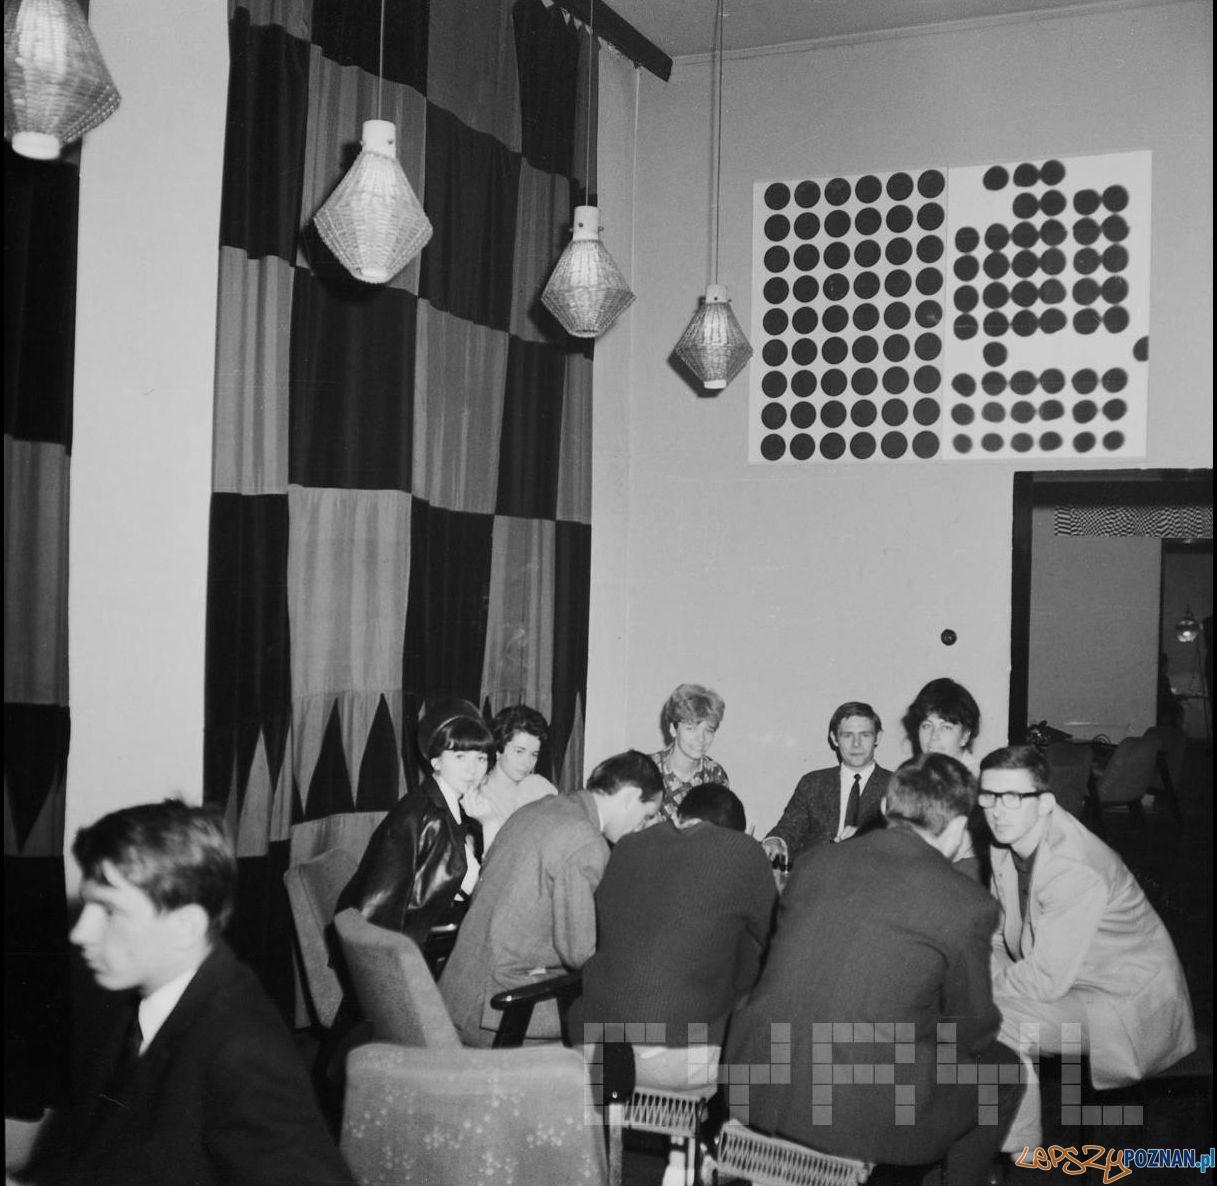 Wnetrze Klubu Od Nowa 1965 - 68  Foto: Jerzy Nowakowski / Cyryl